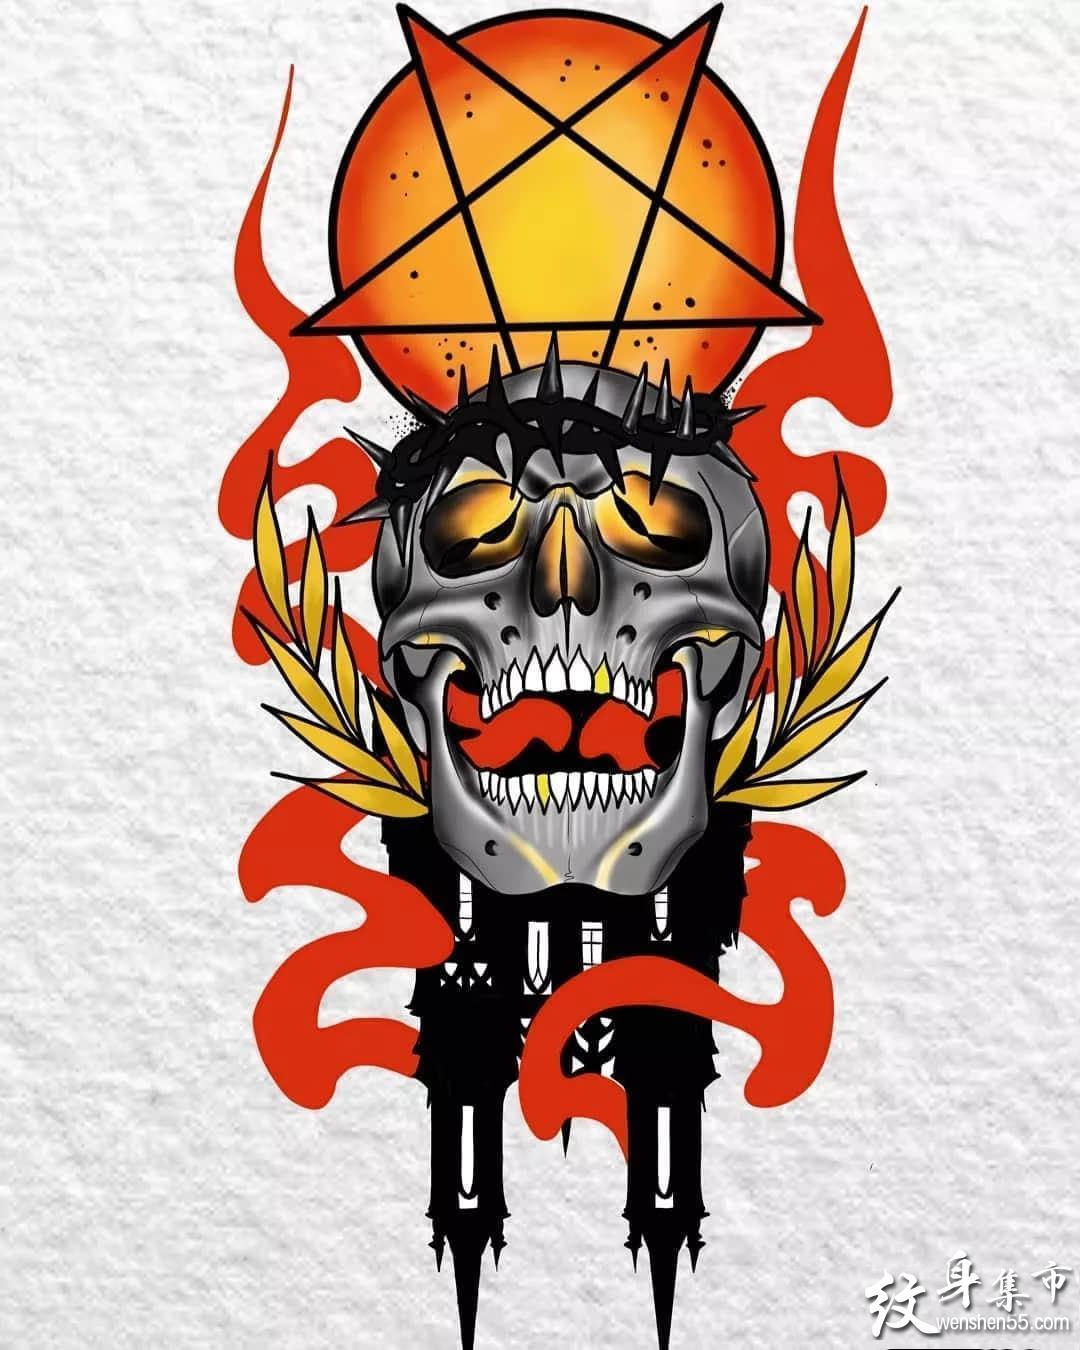 火纹身,火纹身手稿,火纹身手稿图案